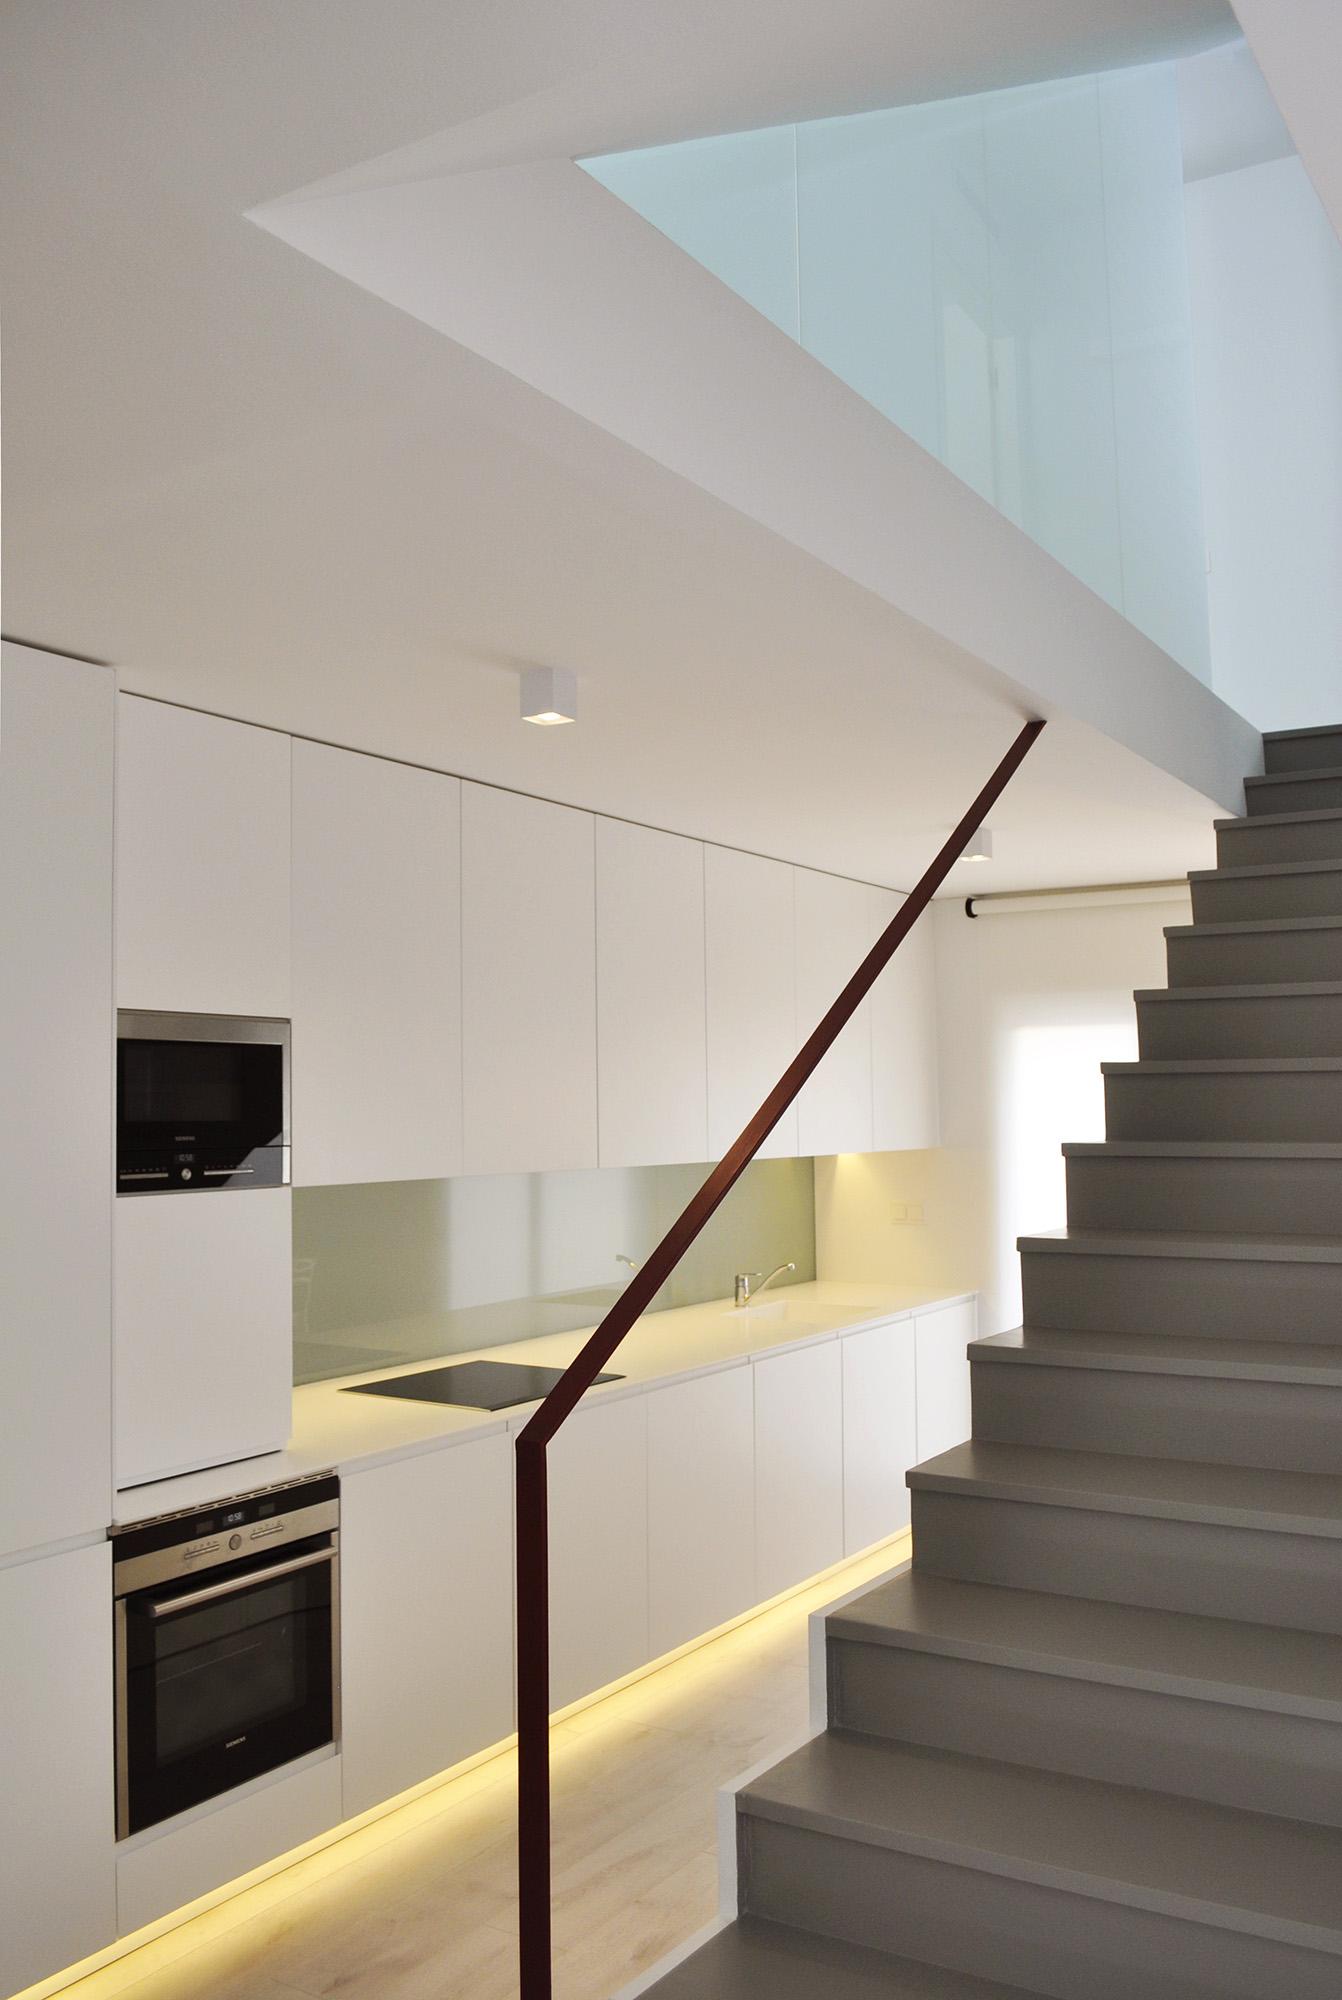 Las cocinas el centro del hogar rardo architects for Cocinas modernas barcelona